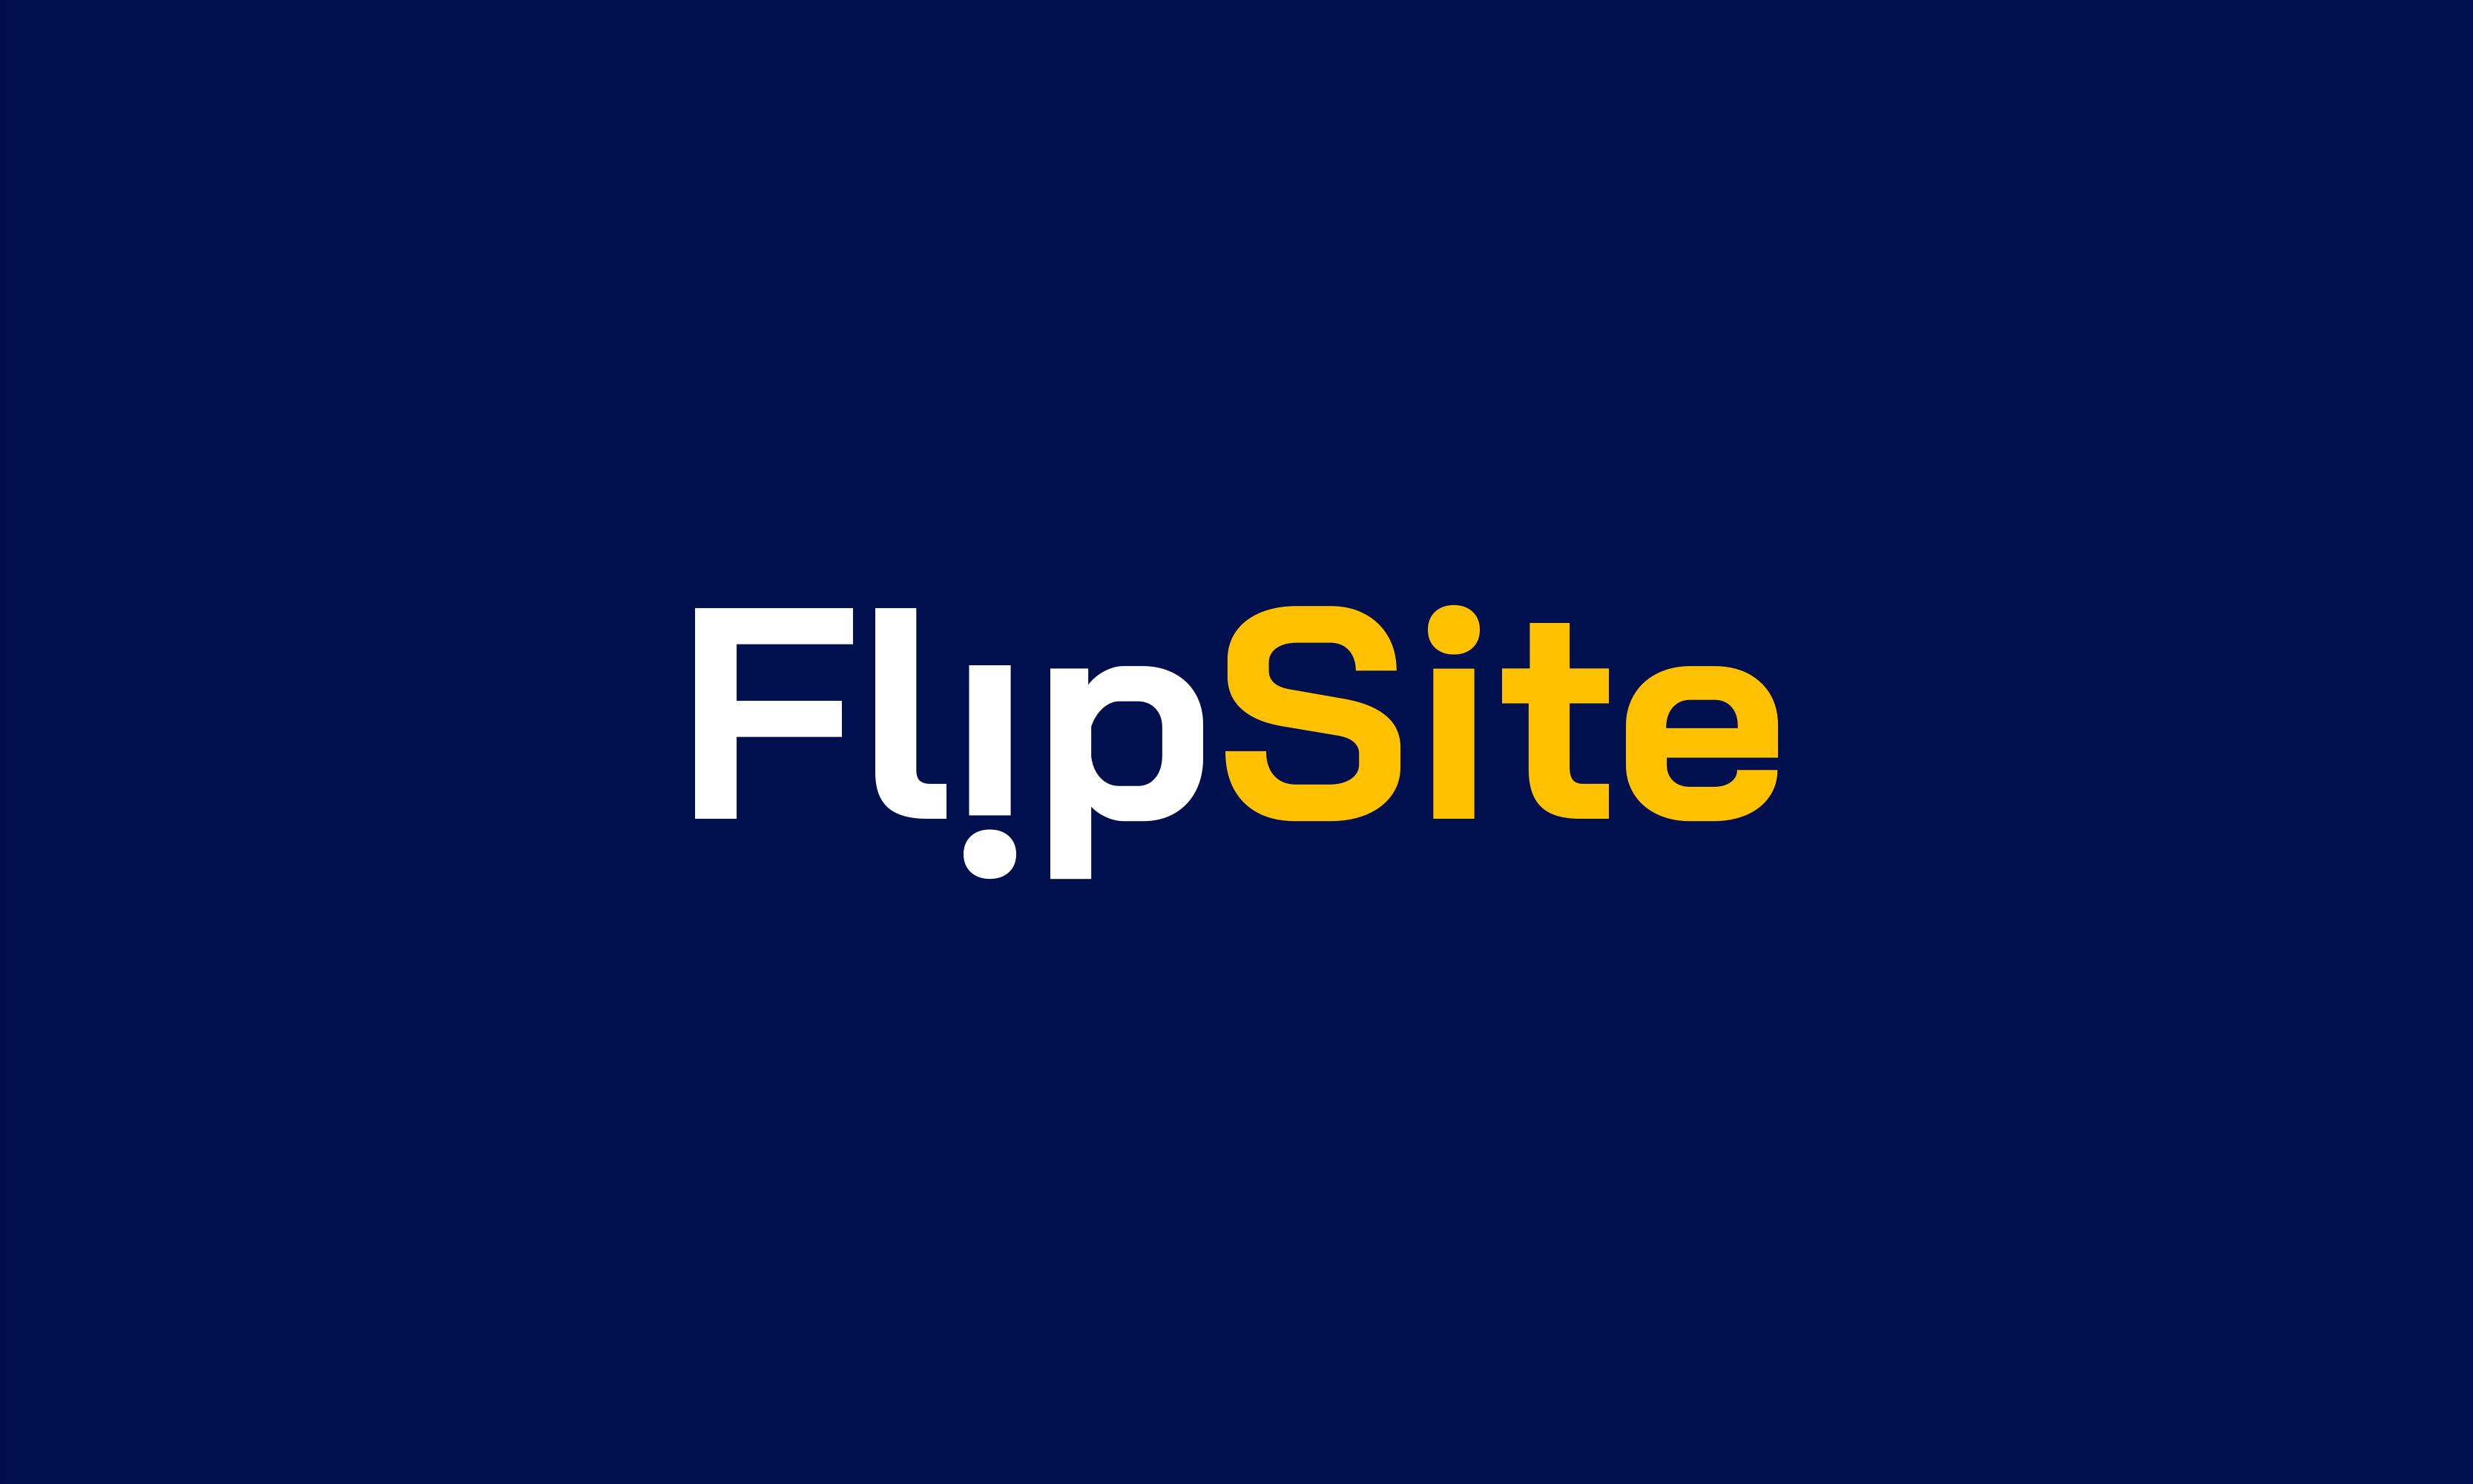 Flipsite